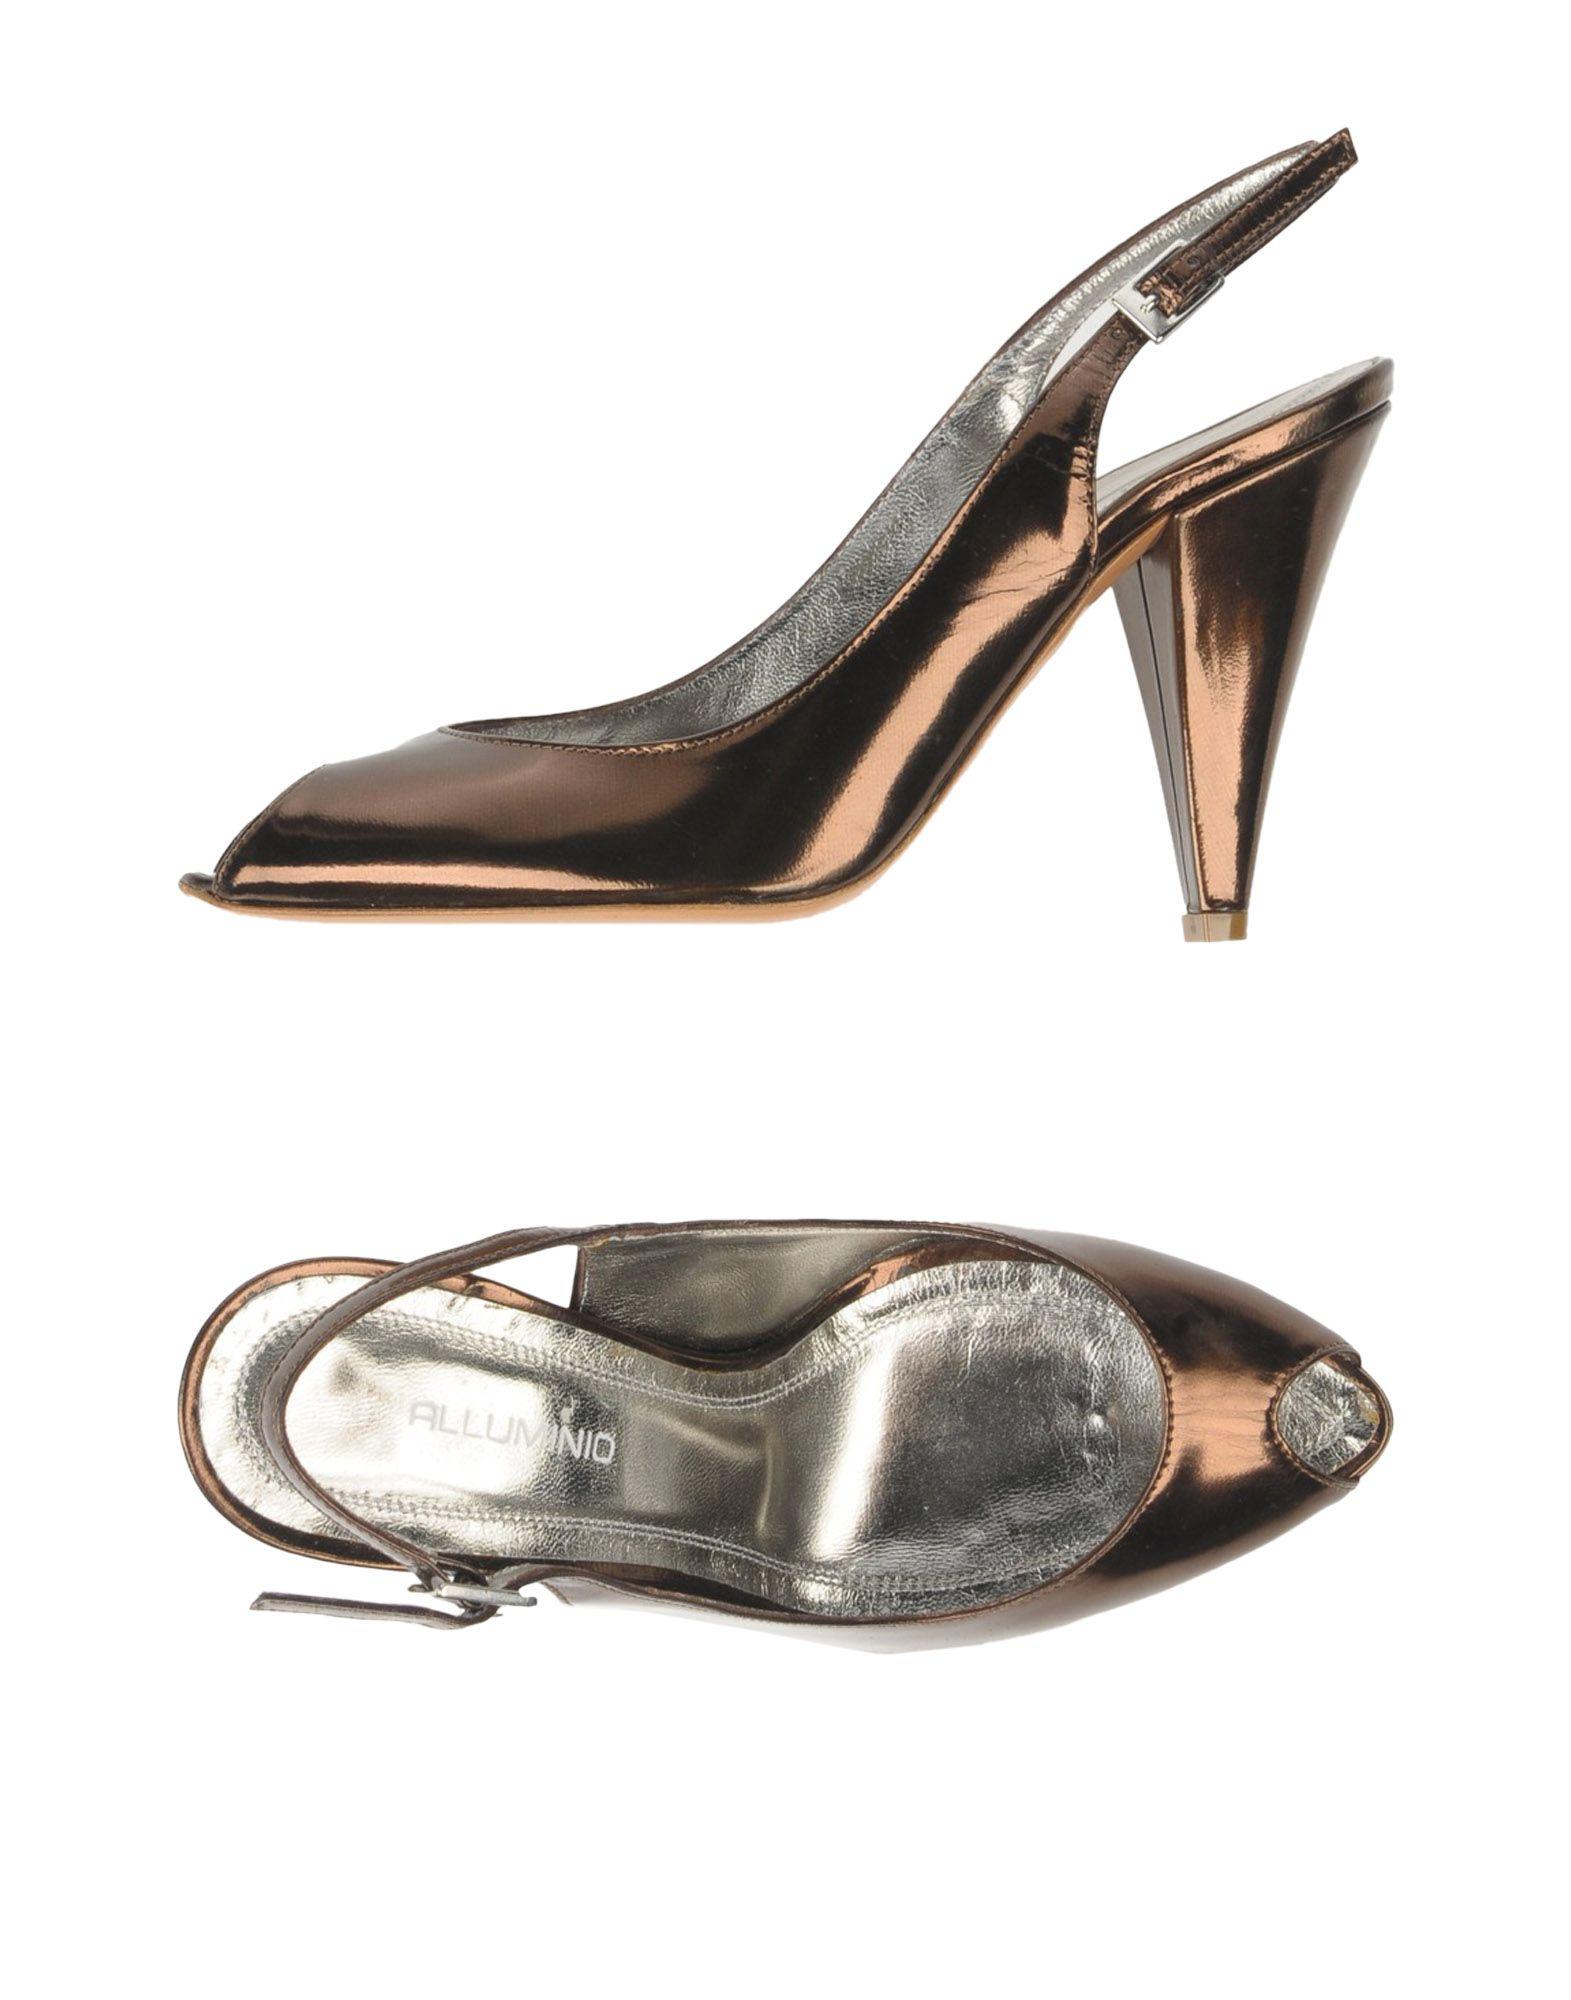 Sandales Alluminio Femme - Sandales Alluminio sur